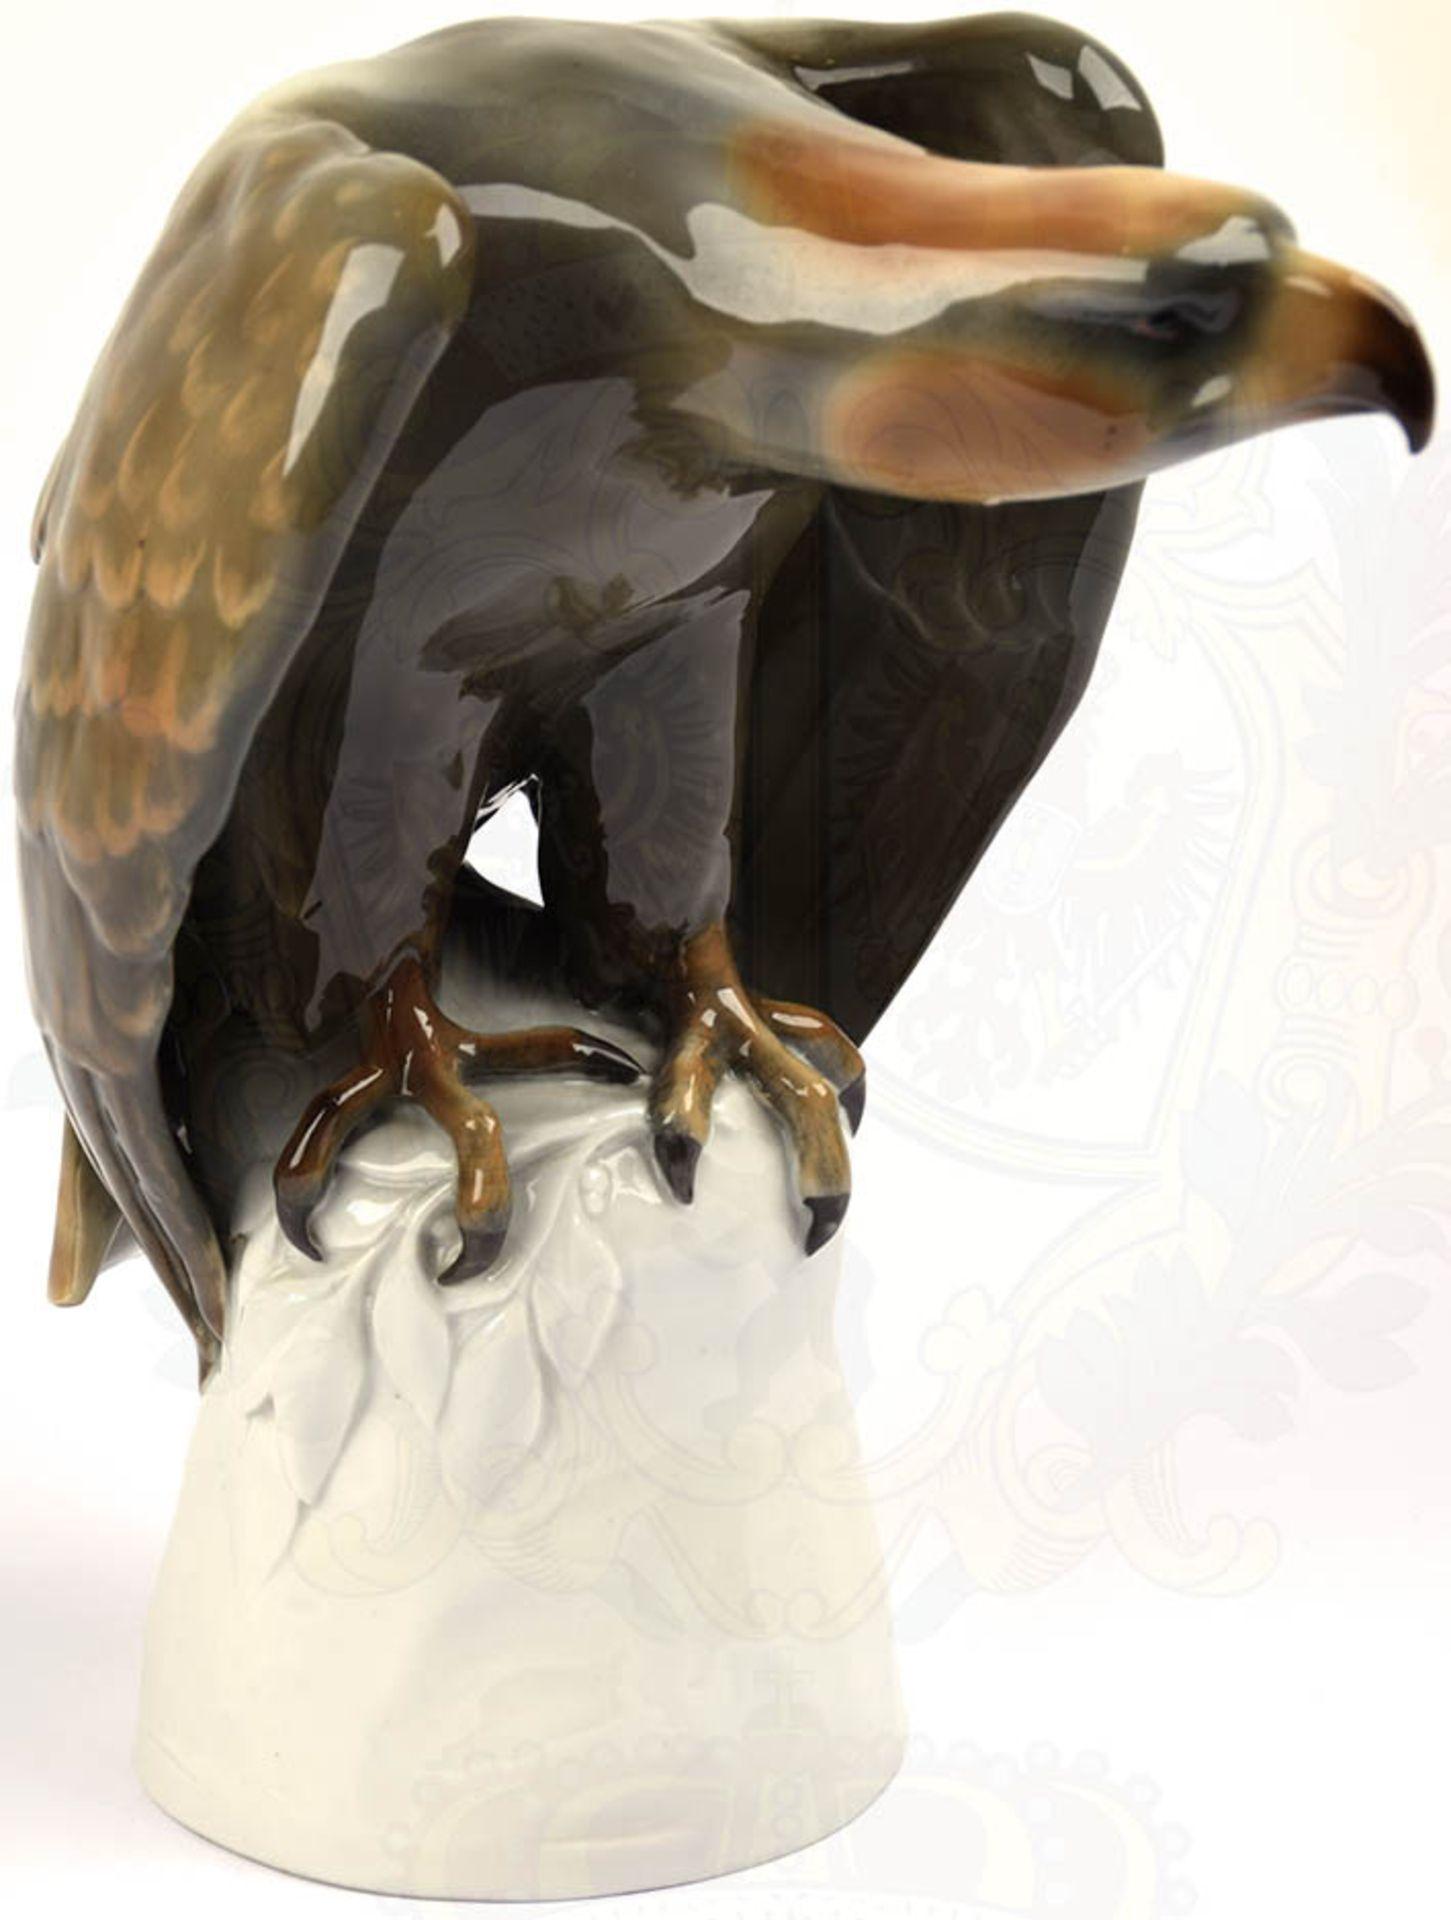 """PLASTIK """"SPÄHENDER ADLER"""", weißes Porzellan, glasiert, Adler farbig gefaßt, Hals und Kopf - Bild 2 aus 6"""